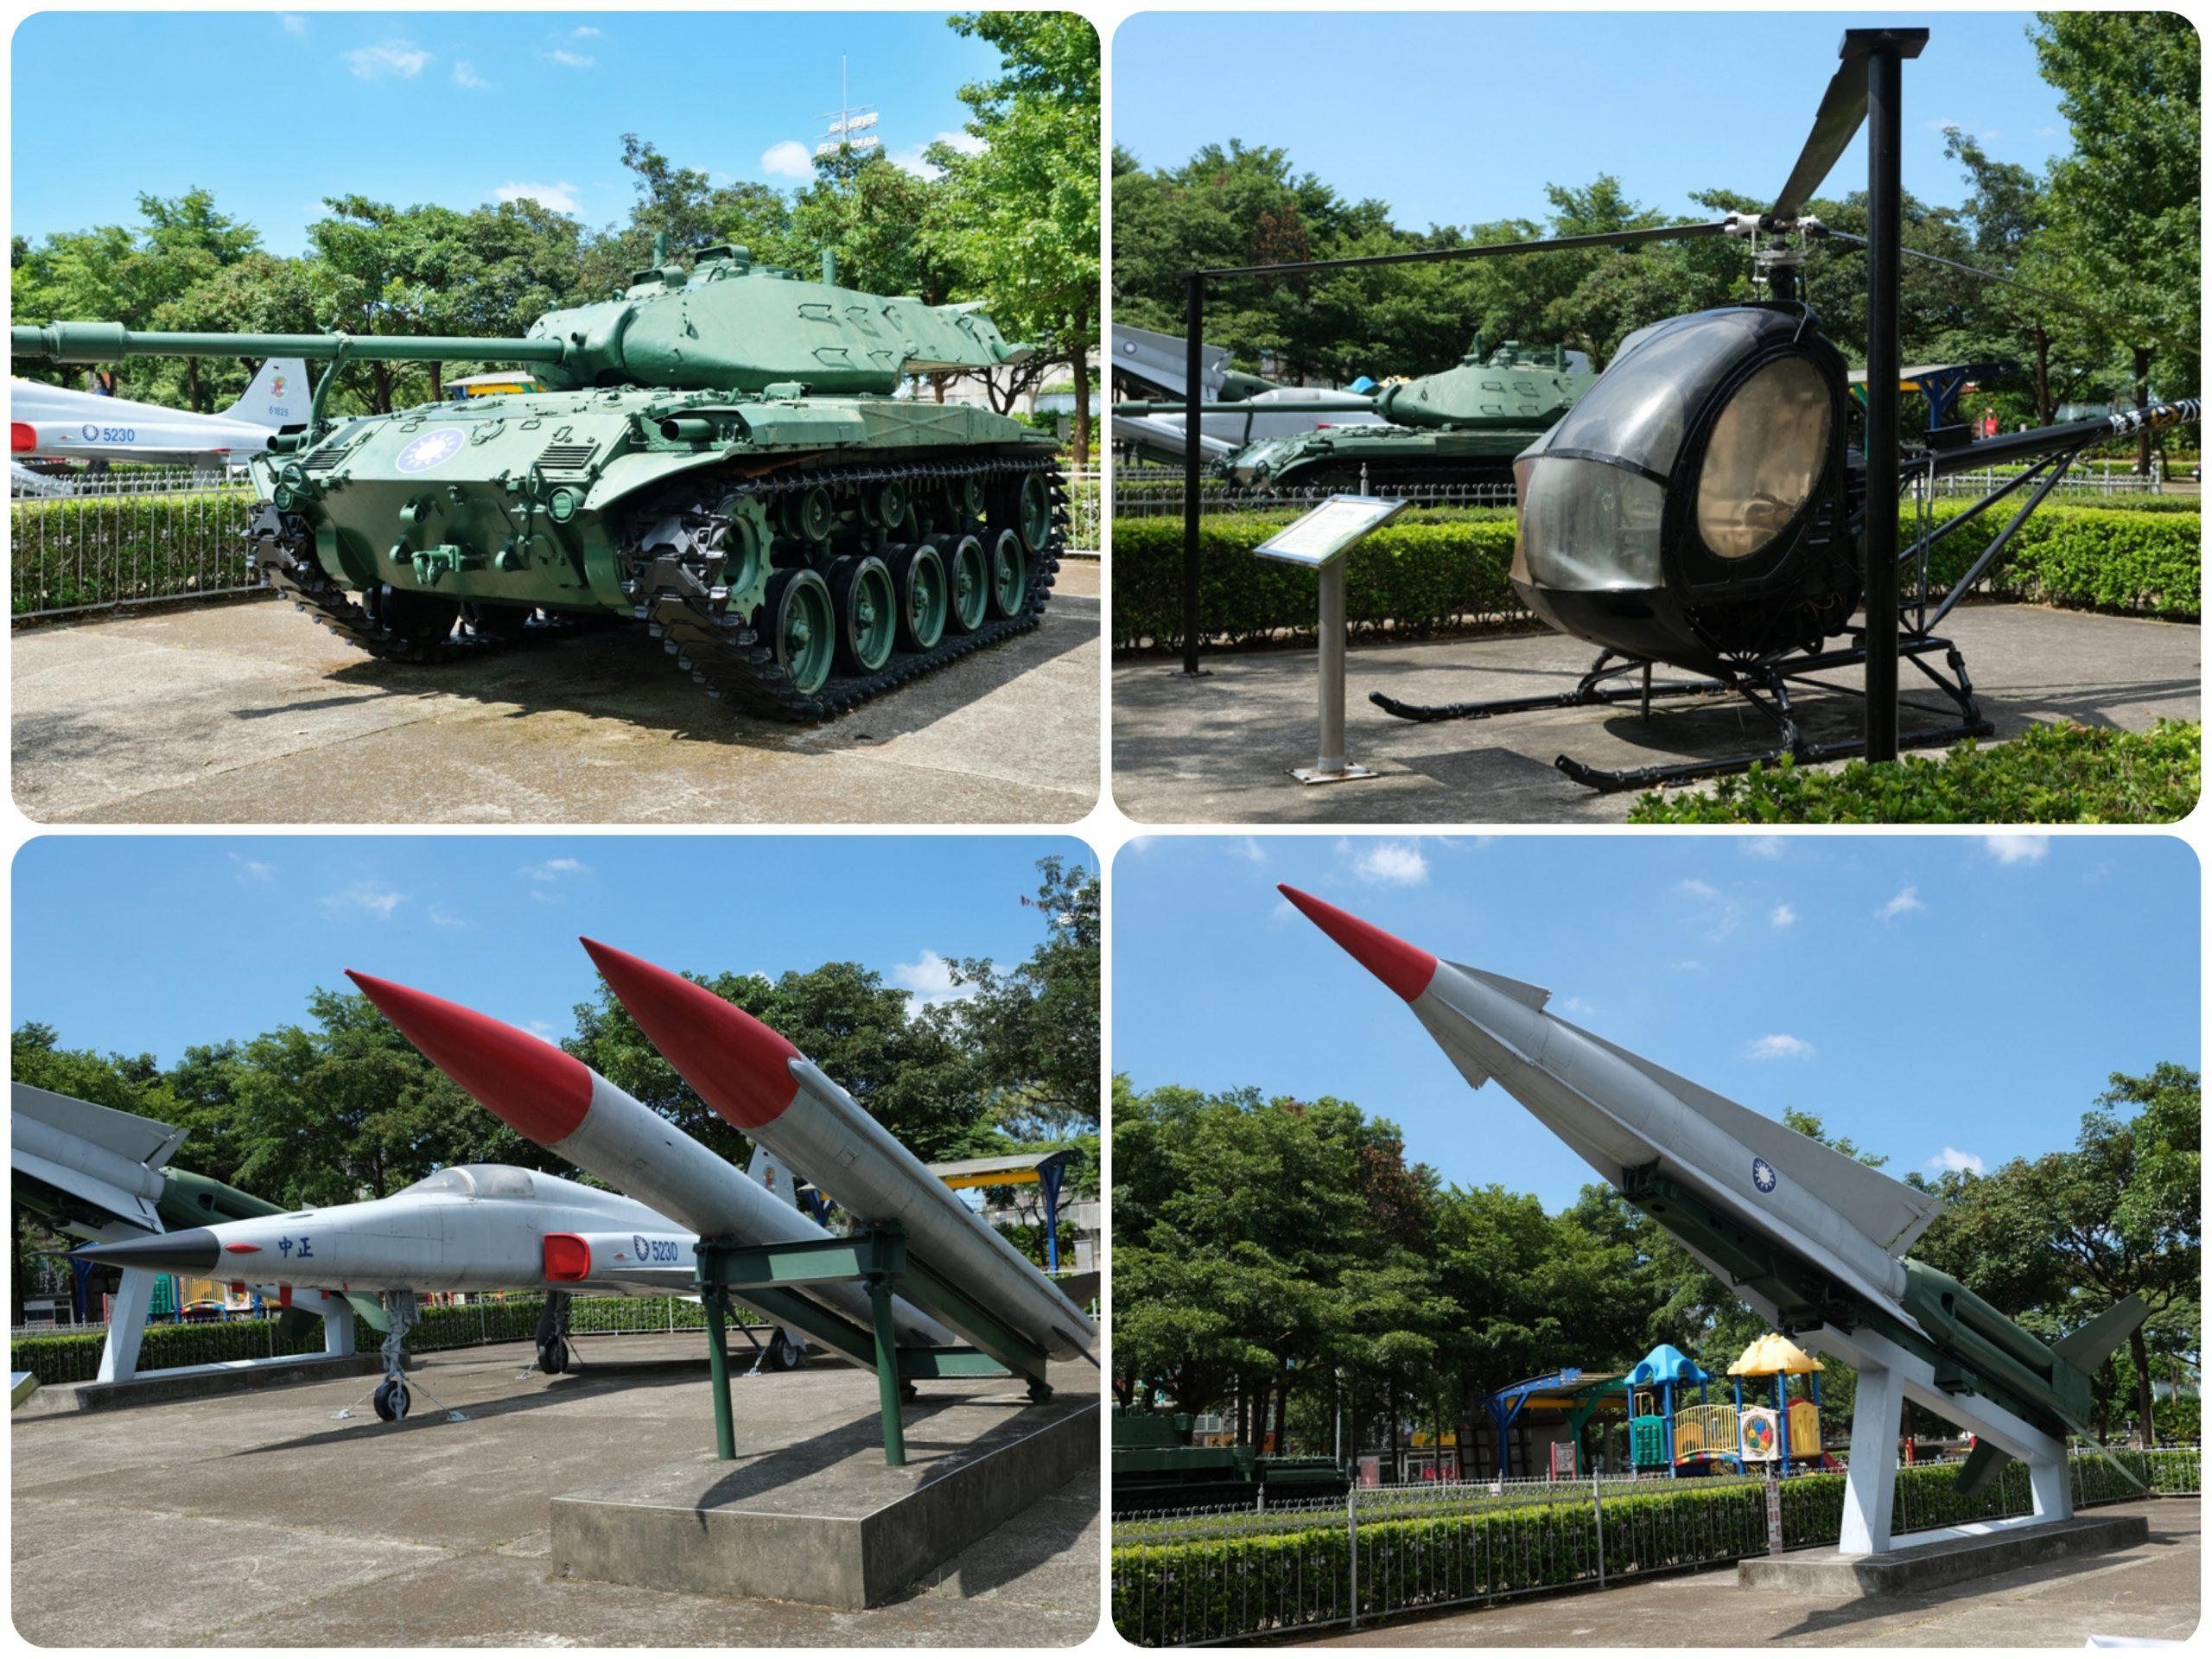 『桃園。龍潭』 龍潭運動公園|桃園都會公園最推薦  免費親子戲水池 、綠林公園還有戰鬥機、戰車展示區。